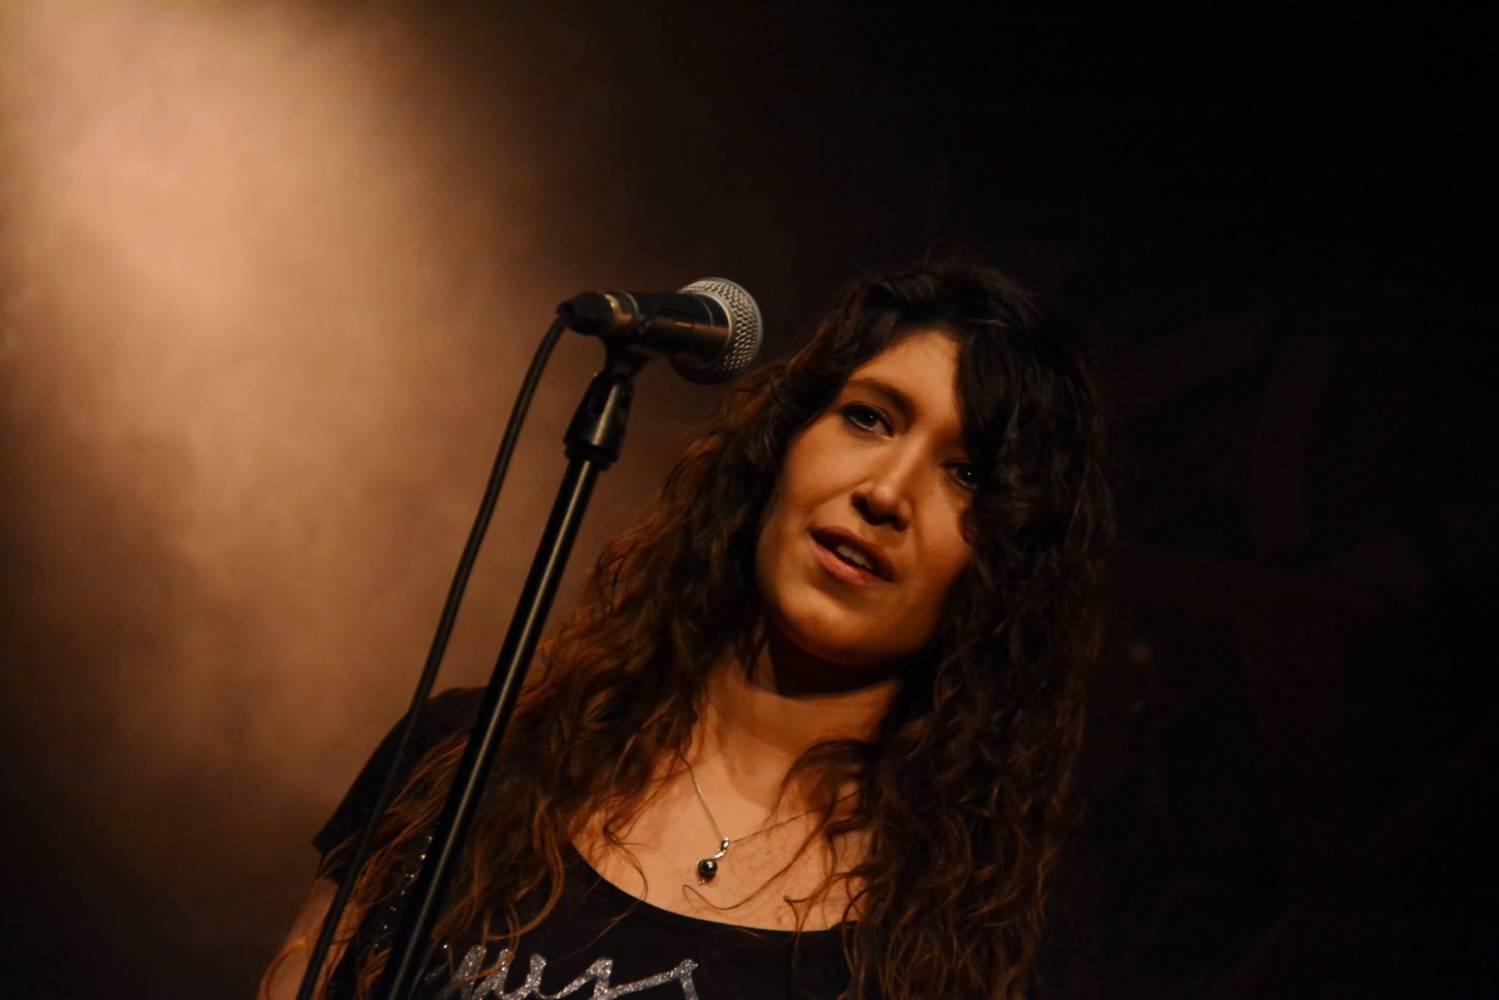 Elise Wachbar